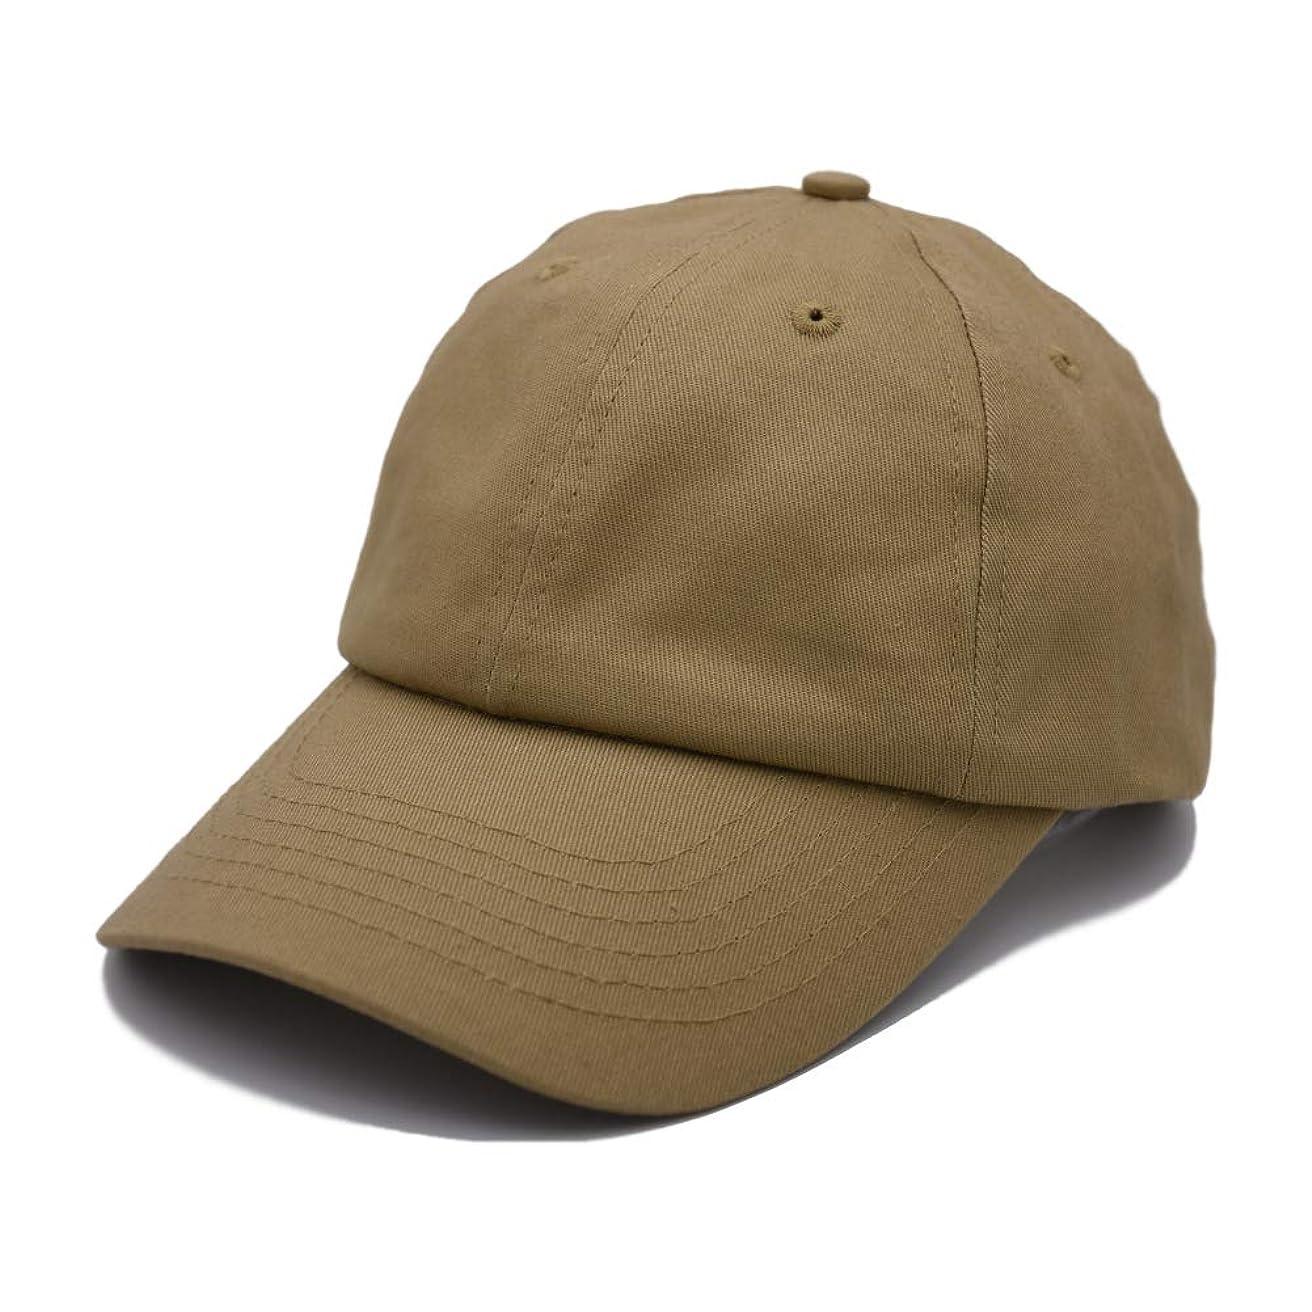 返済エンティティ出発Evergreen Tree キャップ 帽子 野球帽 コットン100% 優れた通気性 無地 おしゃれ カジュアル メンズ レディース 男女兼用 サイズ調節可 UV対策 旅行 スポーツ用